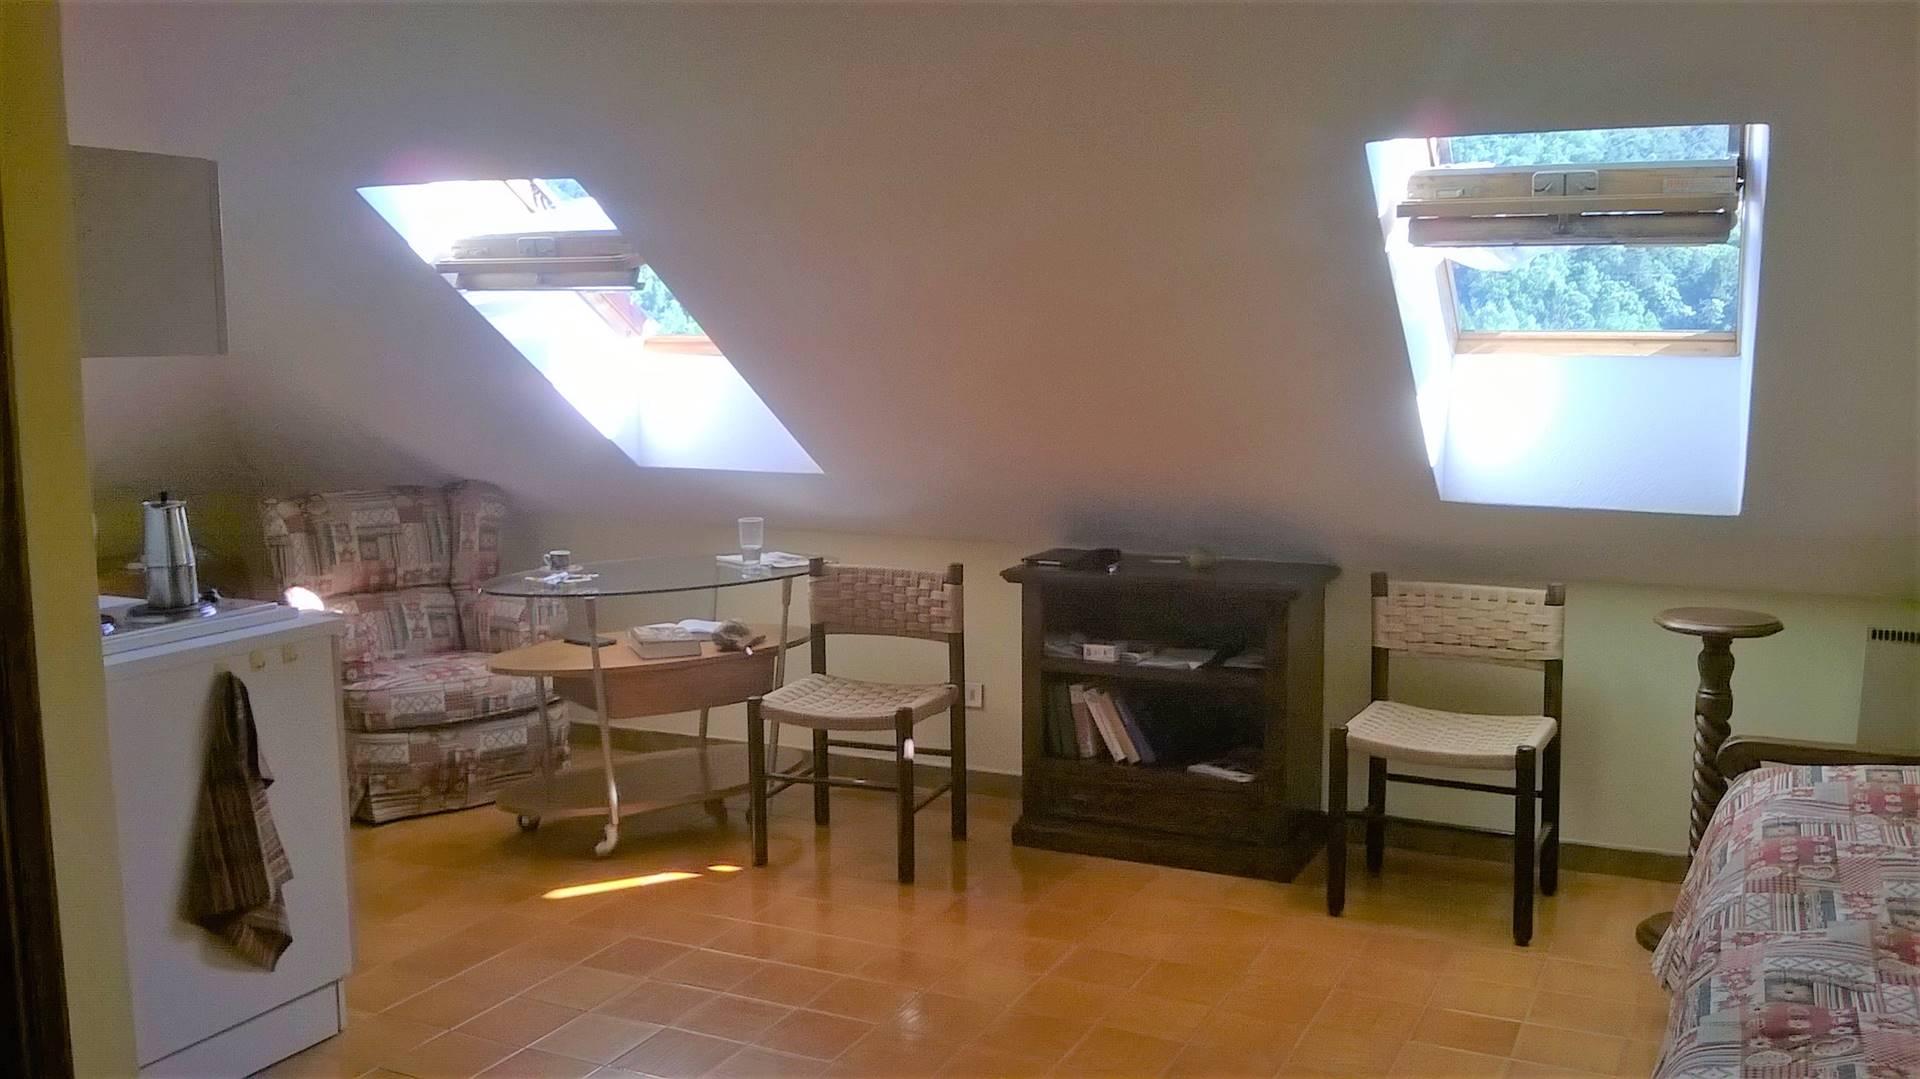 Appartamento in vendita a Bardineto, 1 locali, zona Zona: Muschieto, prezzo € 27.000 | CambioCasa.it